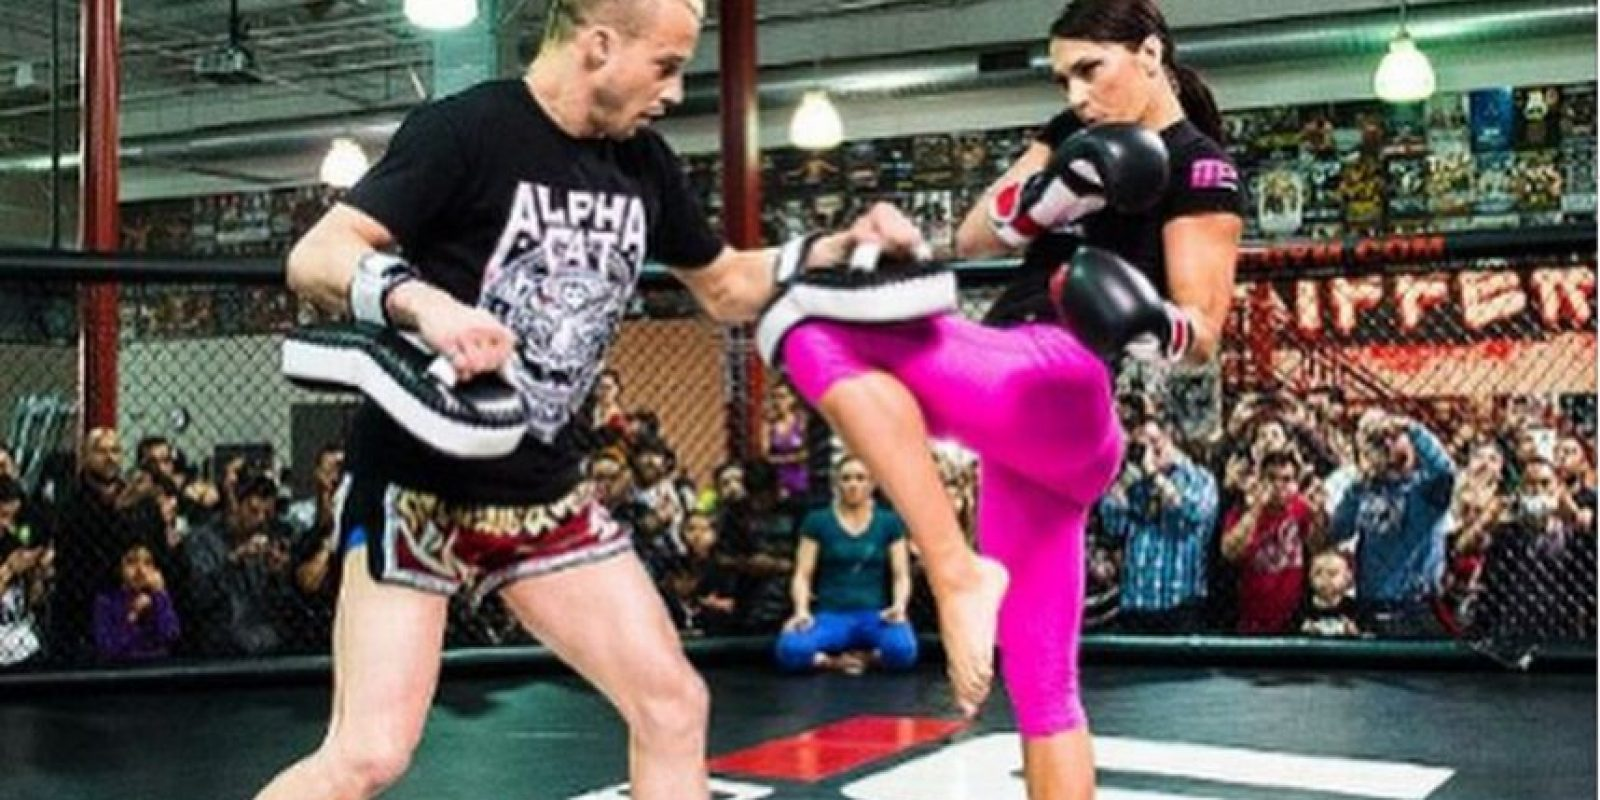 La peleadora de artes marciales mixtas es una de las cartas fuertes de la UFC. Fue la primera madre de la empresa estadounidense Foto:Vía instagram.com/alphacatzingano